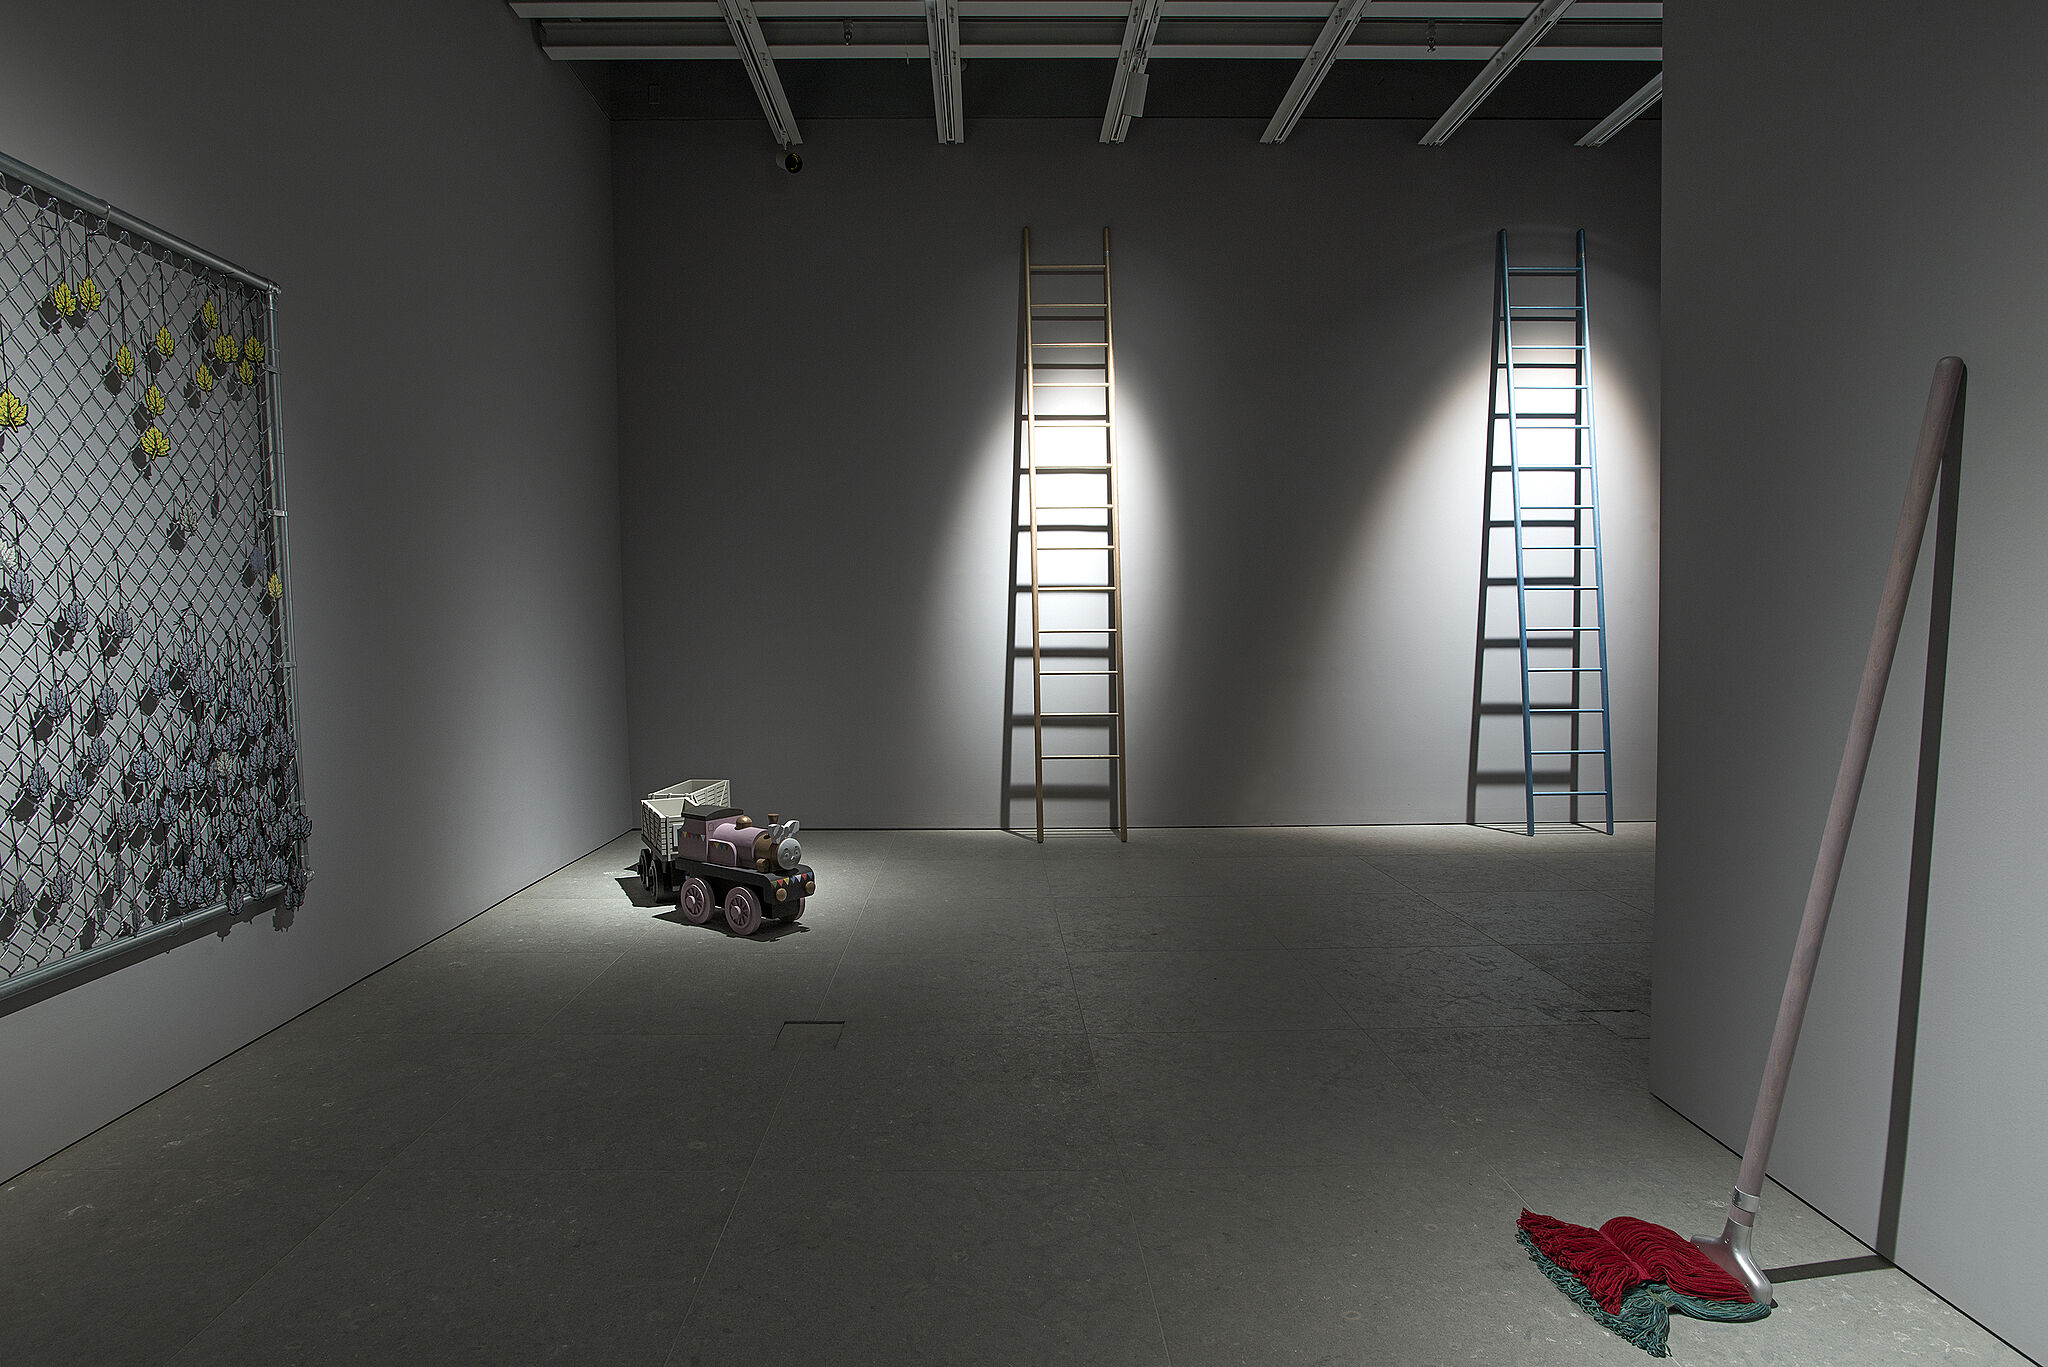 Installation view of Bunny Rogers: Brig Und Ladder